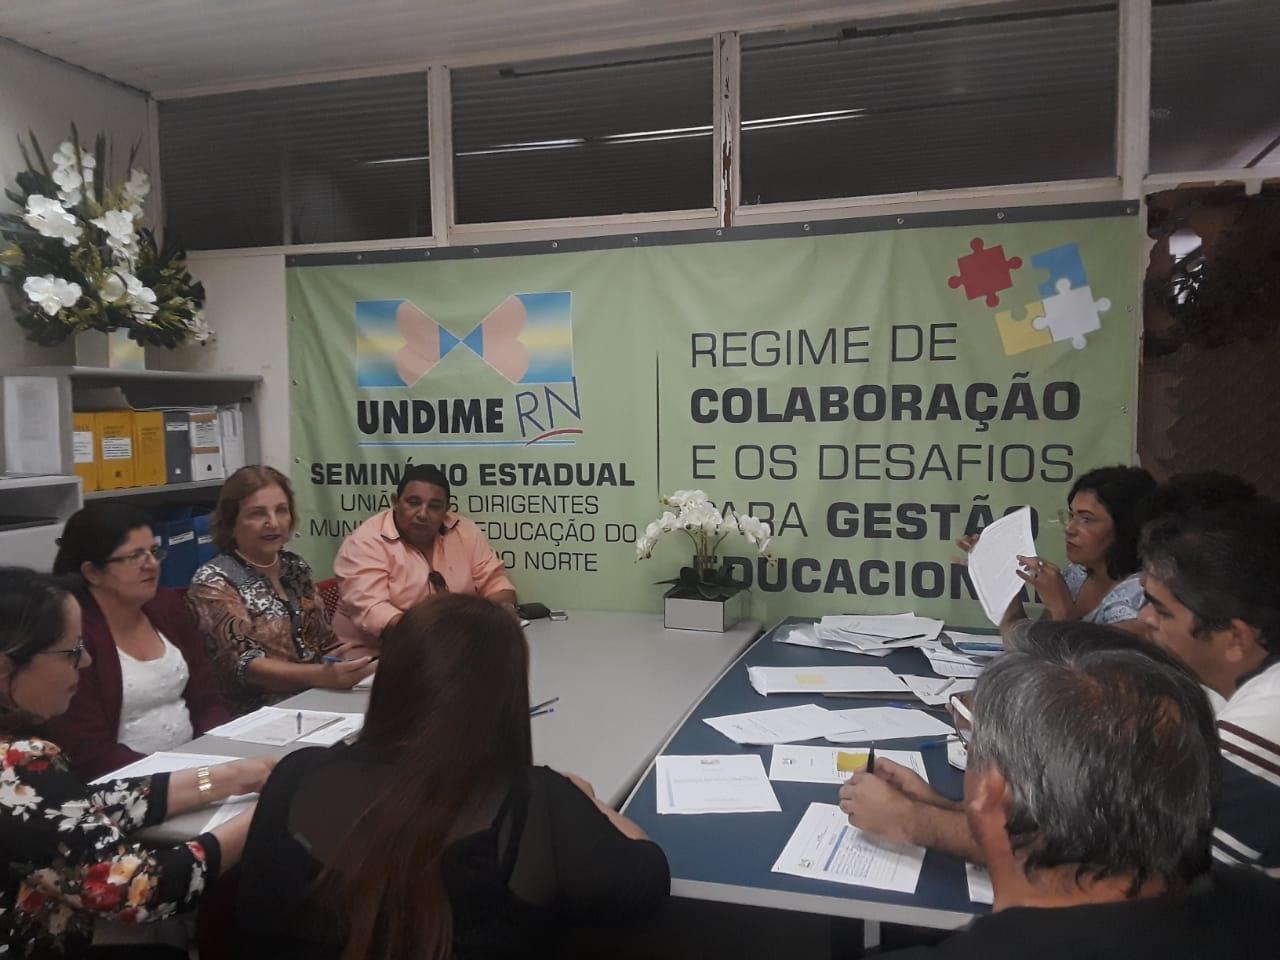 Transparência marca encontro da diretoria executiva da Undime no RN